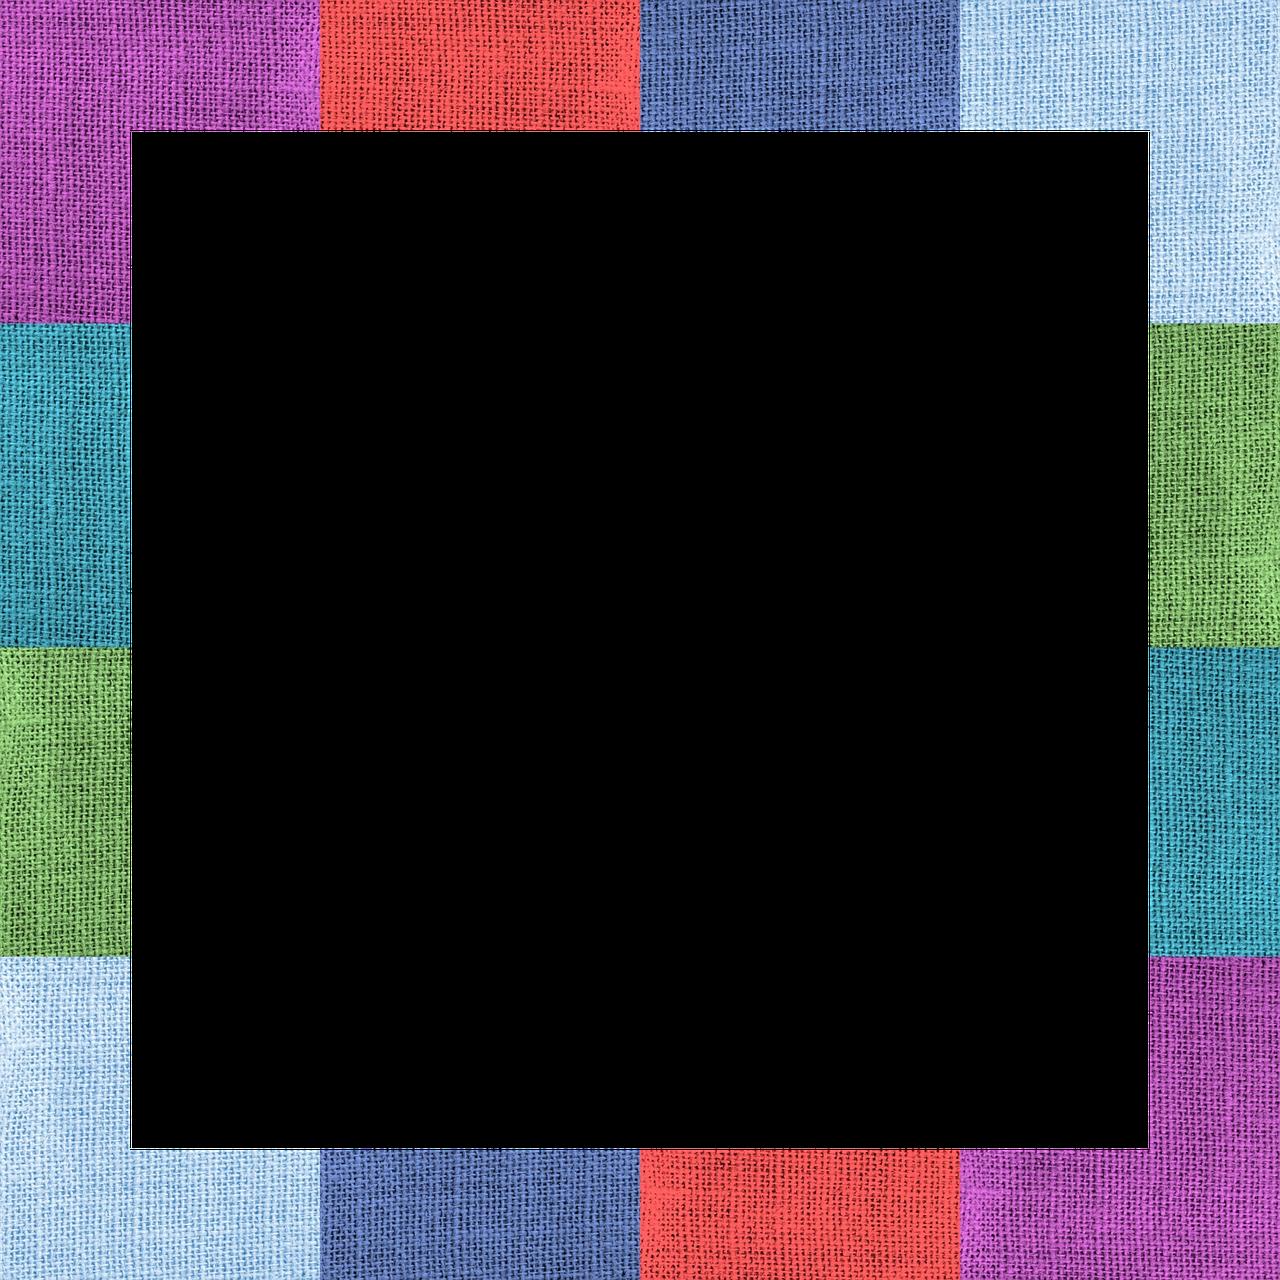 fabric-1460737_1280